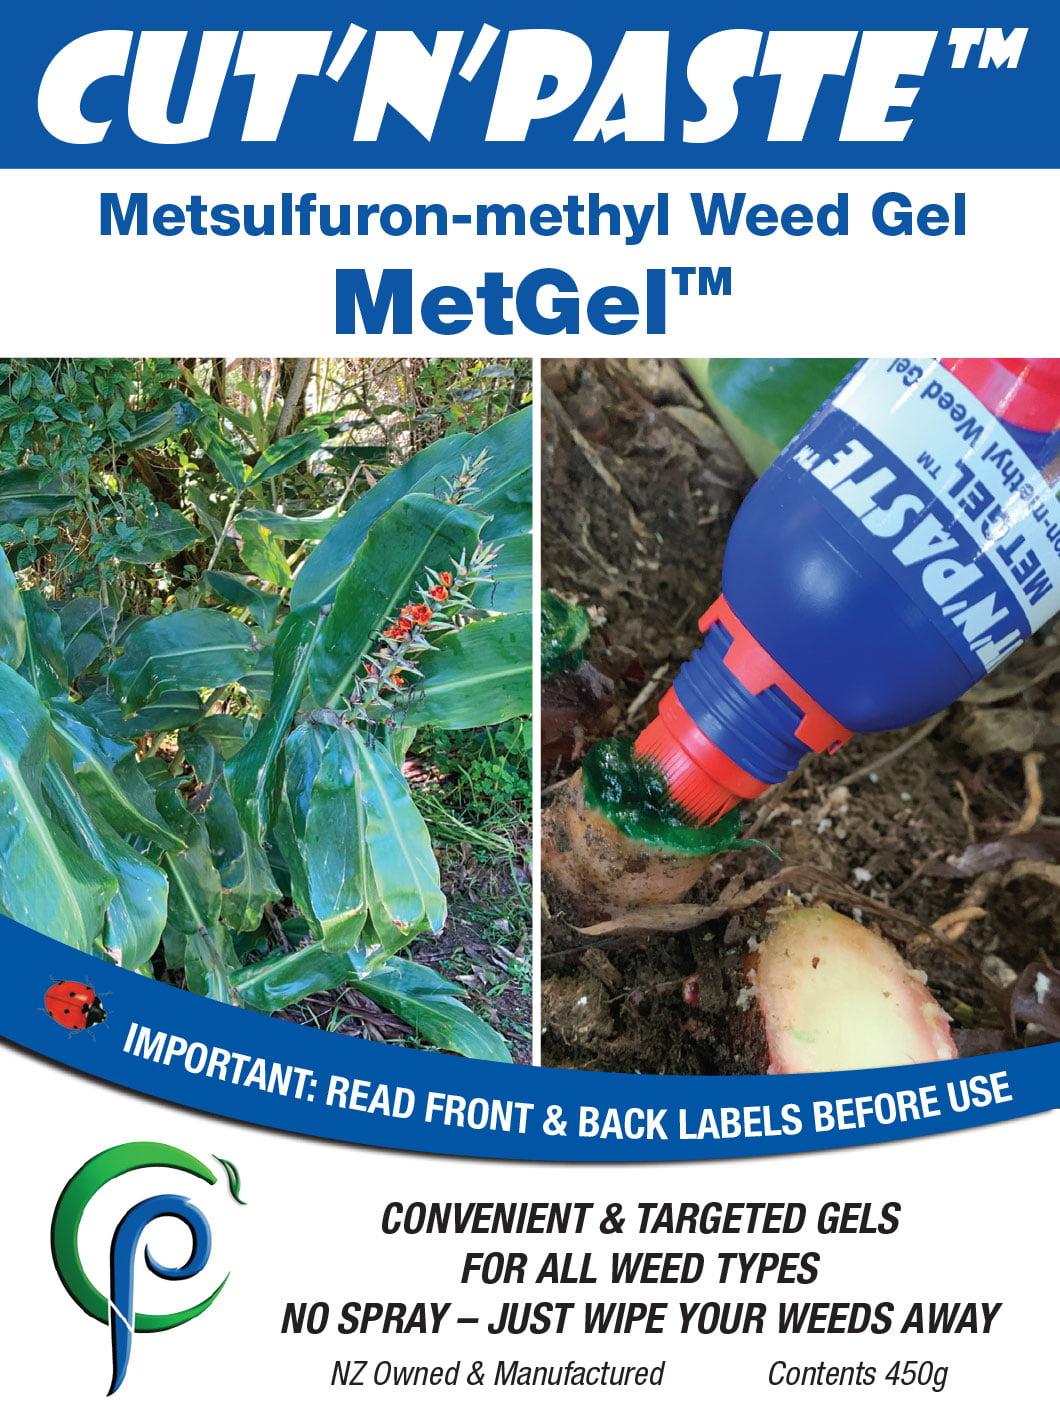 MetGel Brush-on Metsulfuron Gel Weed Control